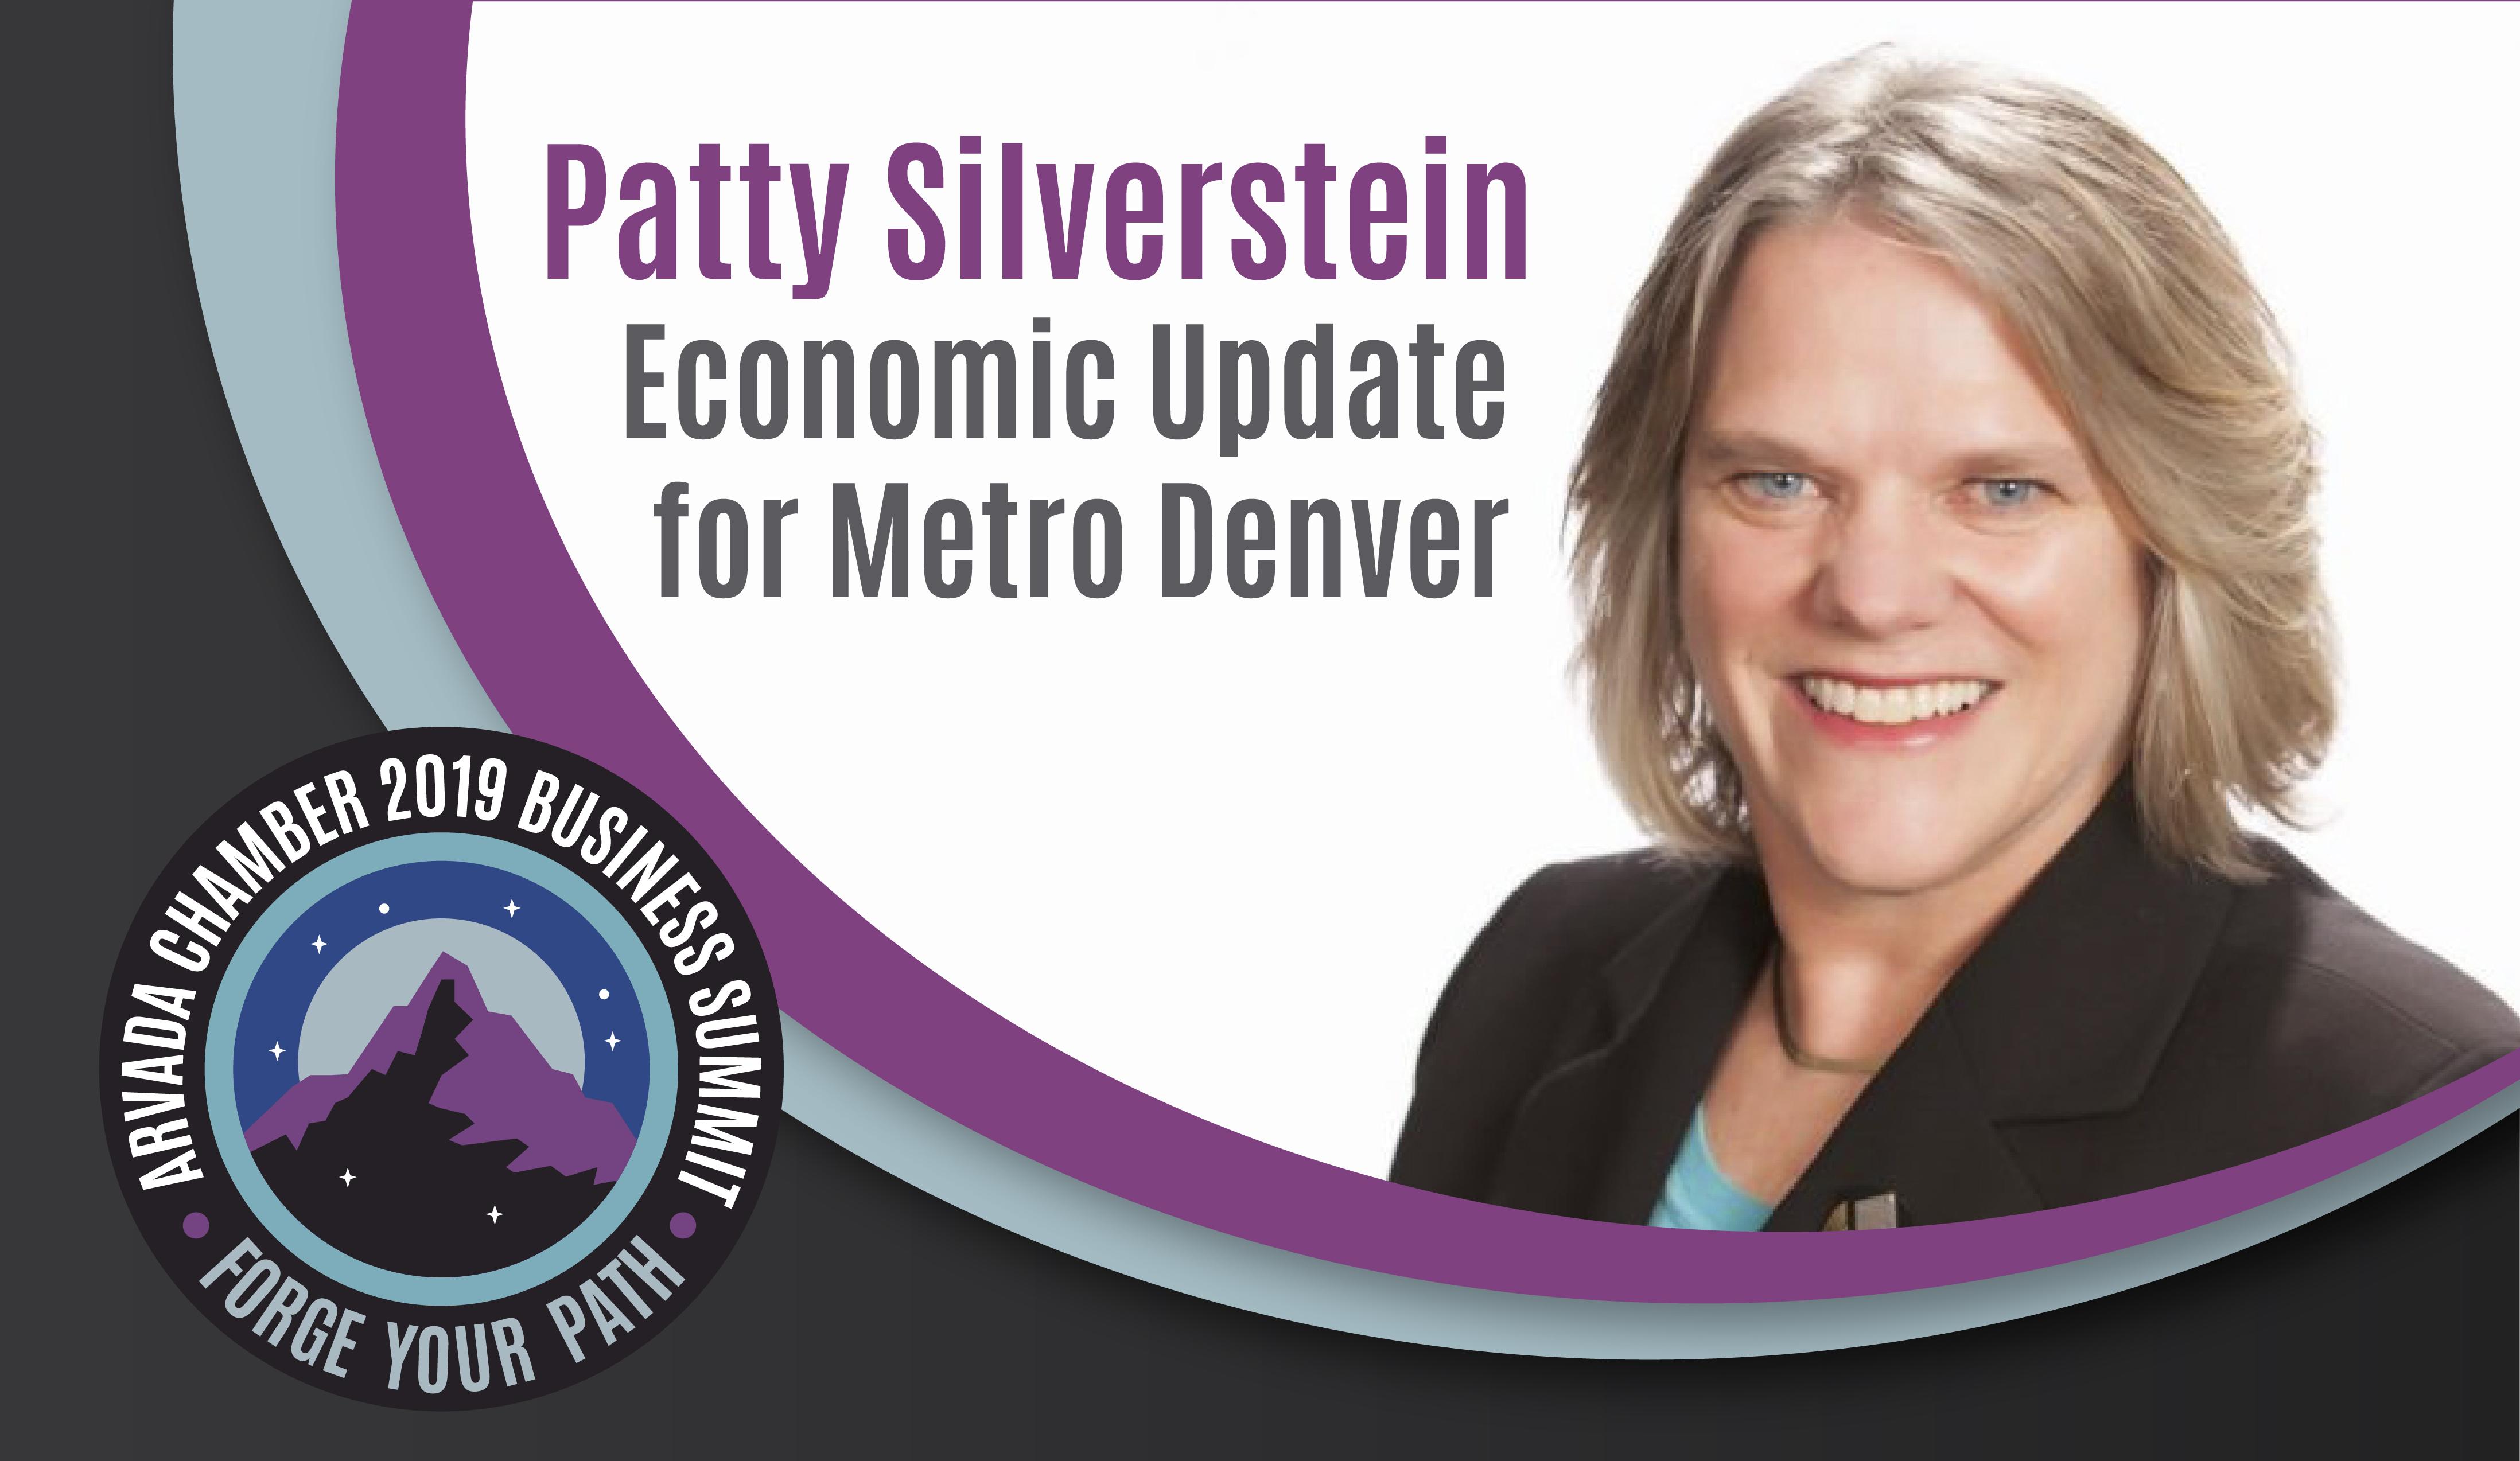 2019 Business Summit Spotlight: Patty Silverstein's Economic Update for Metro Denver